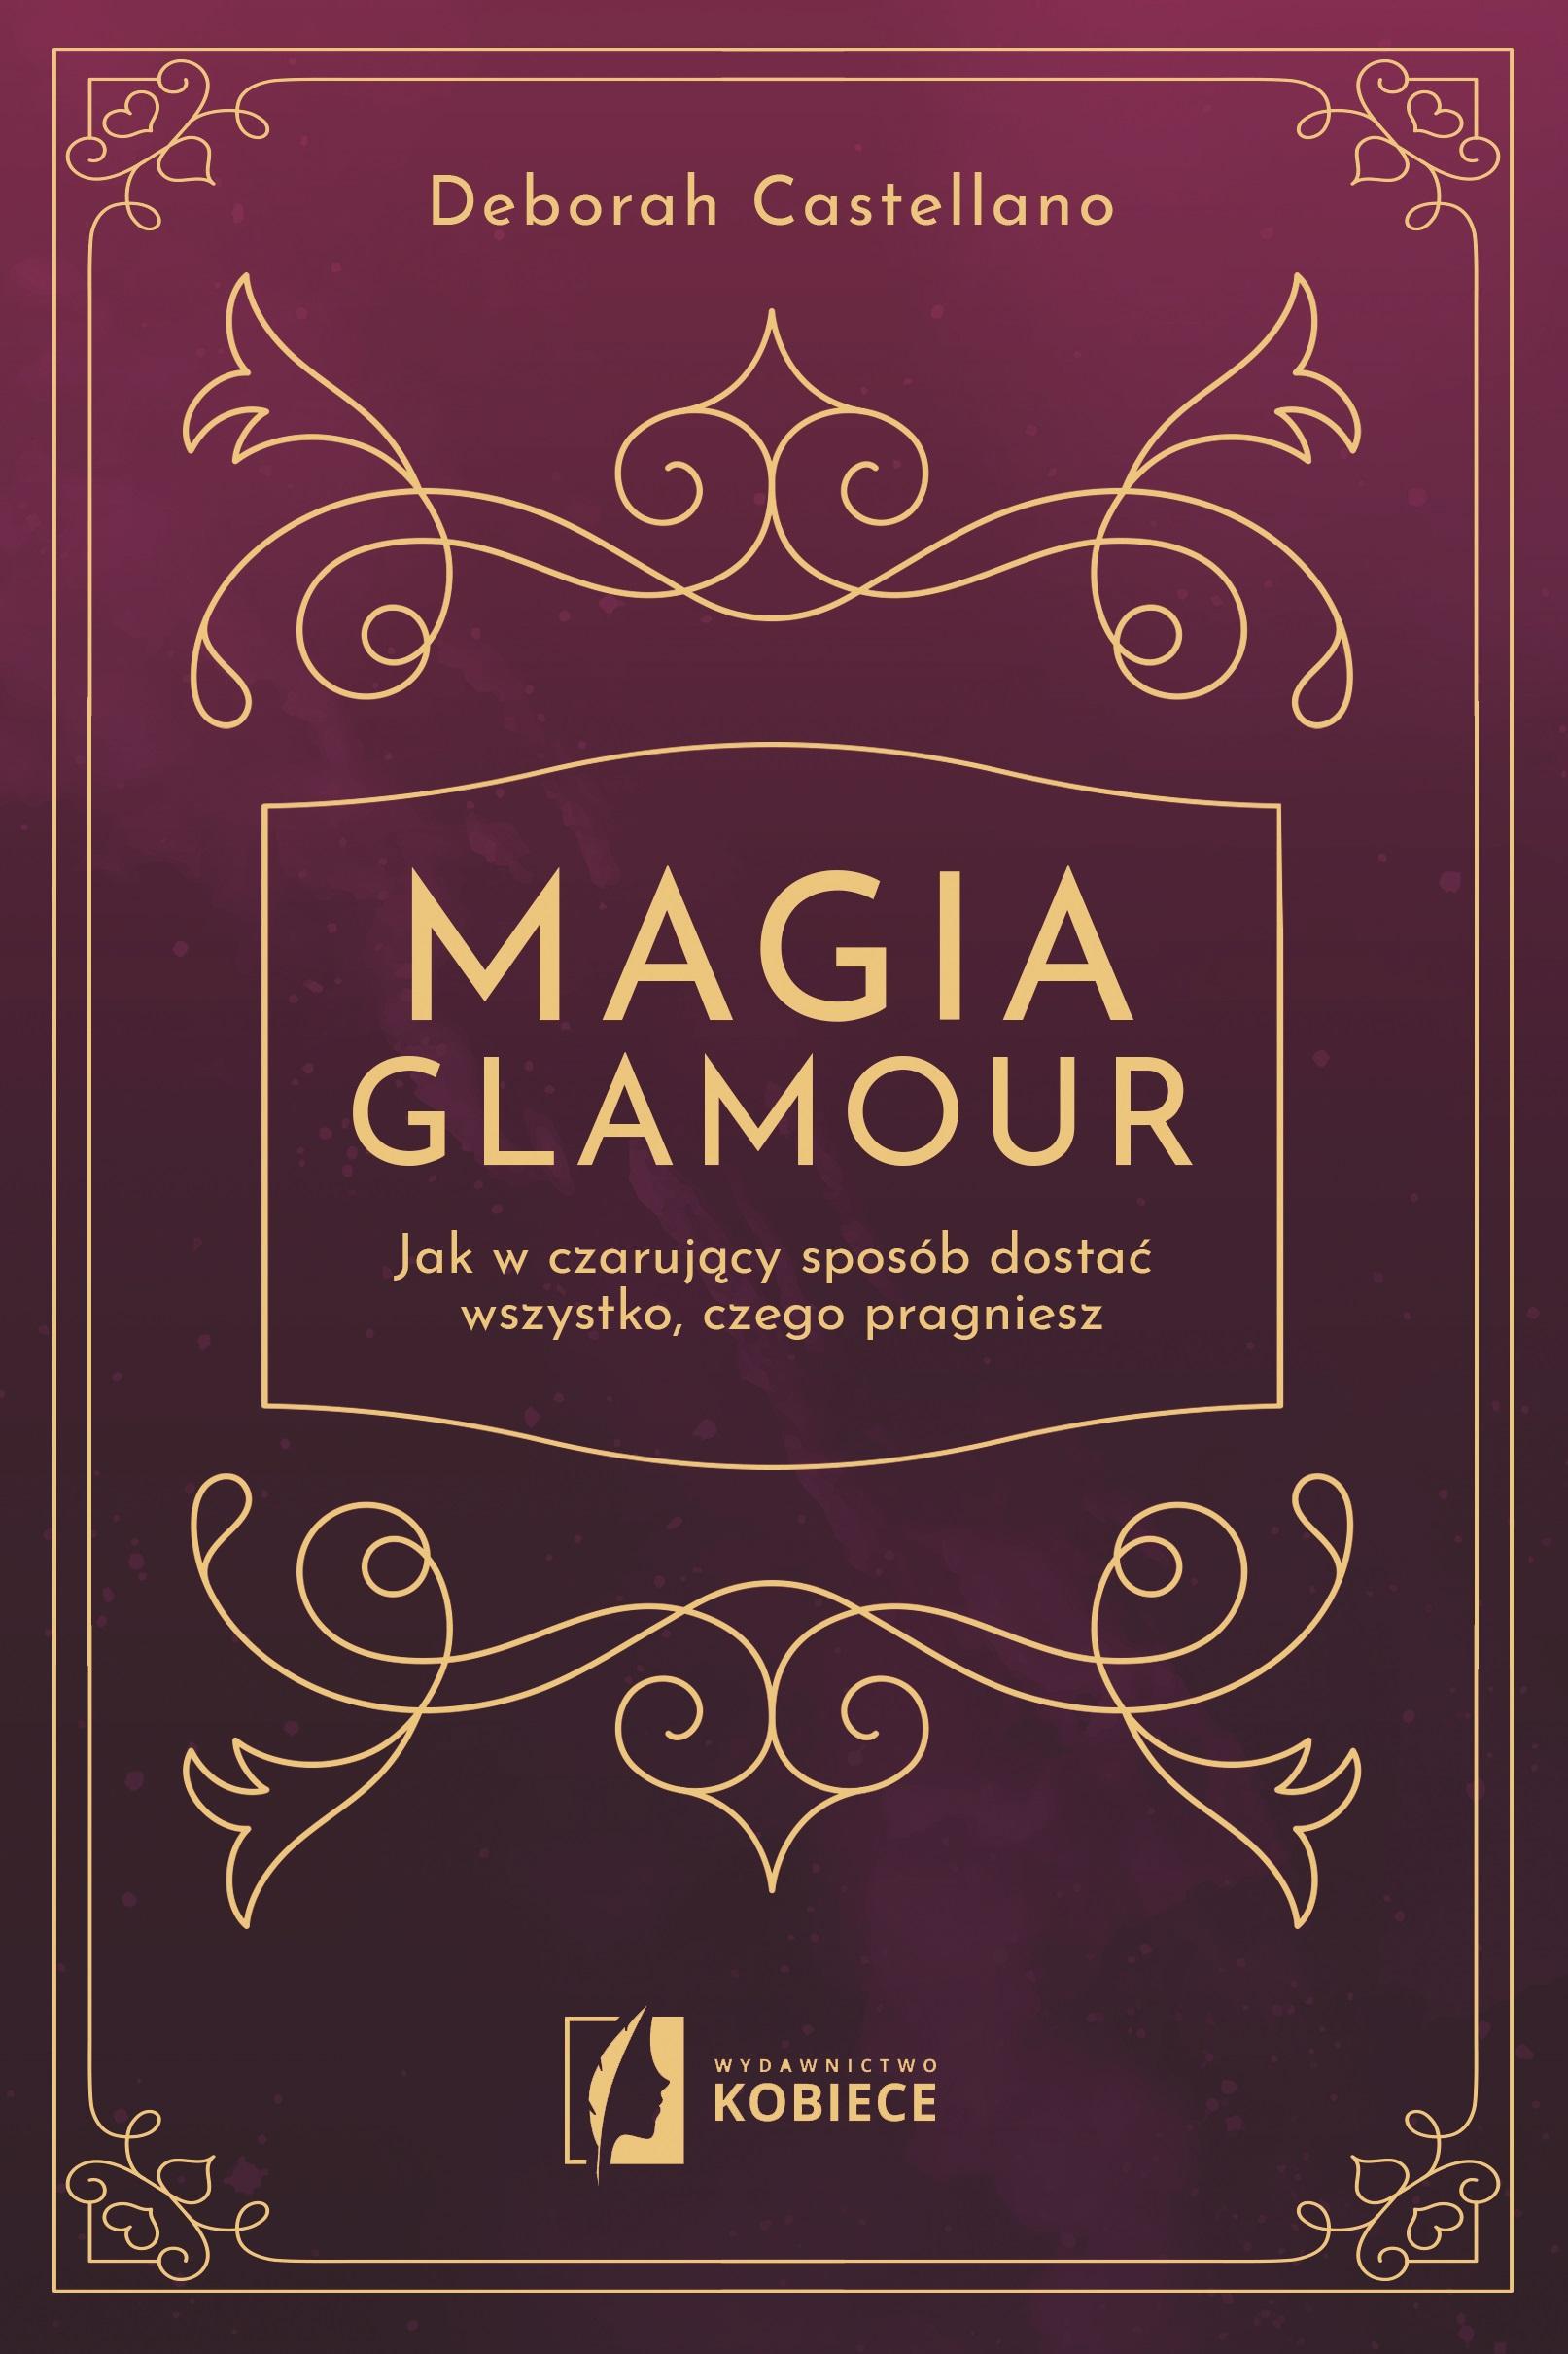 MAGIA GLAMOUR, DEBORAH CASTELLANO